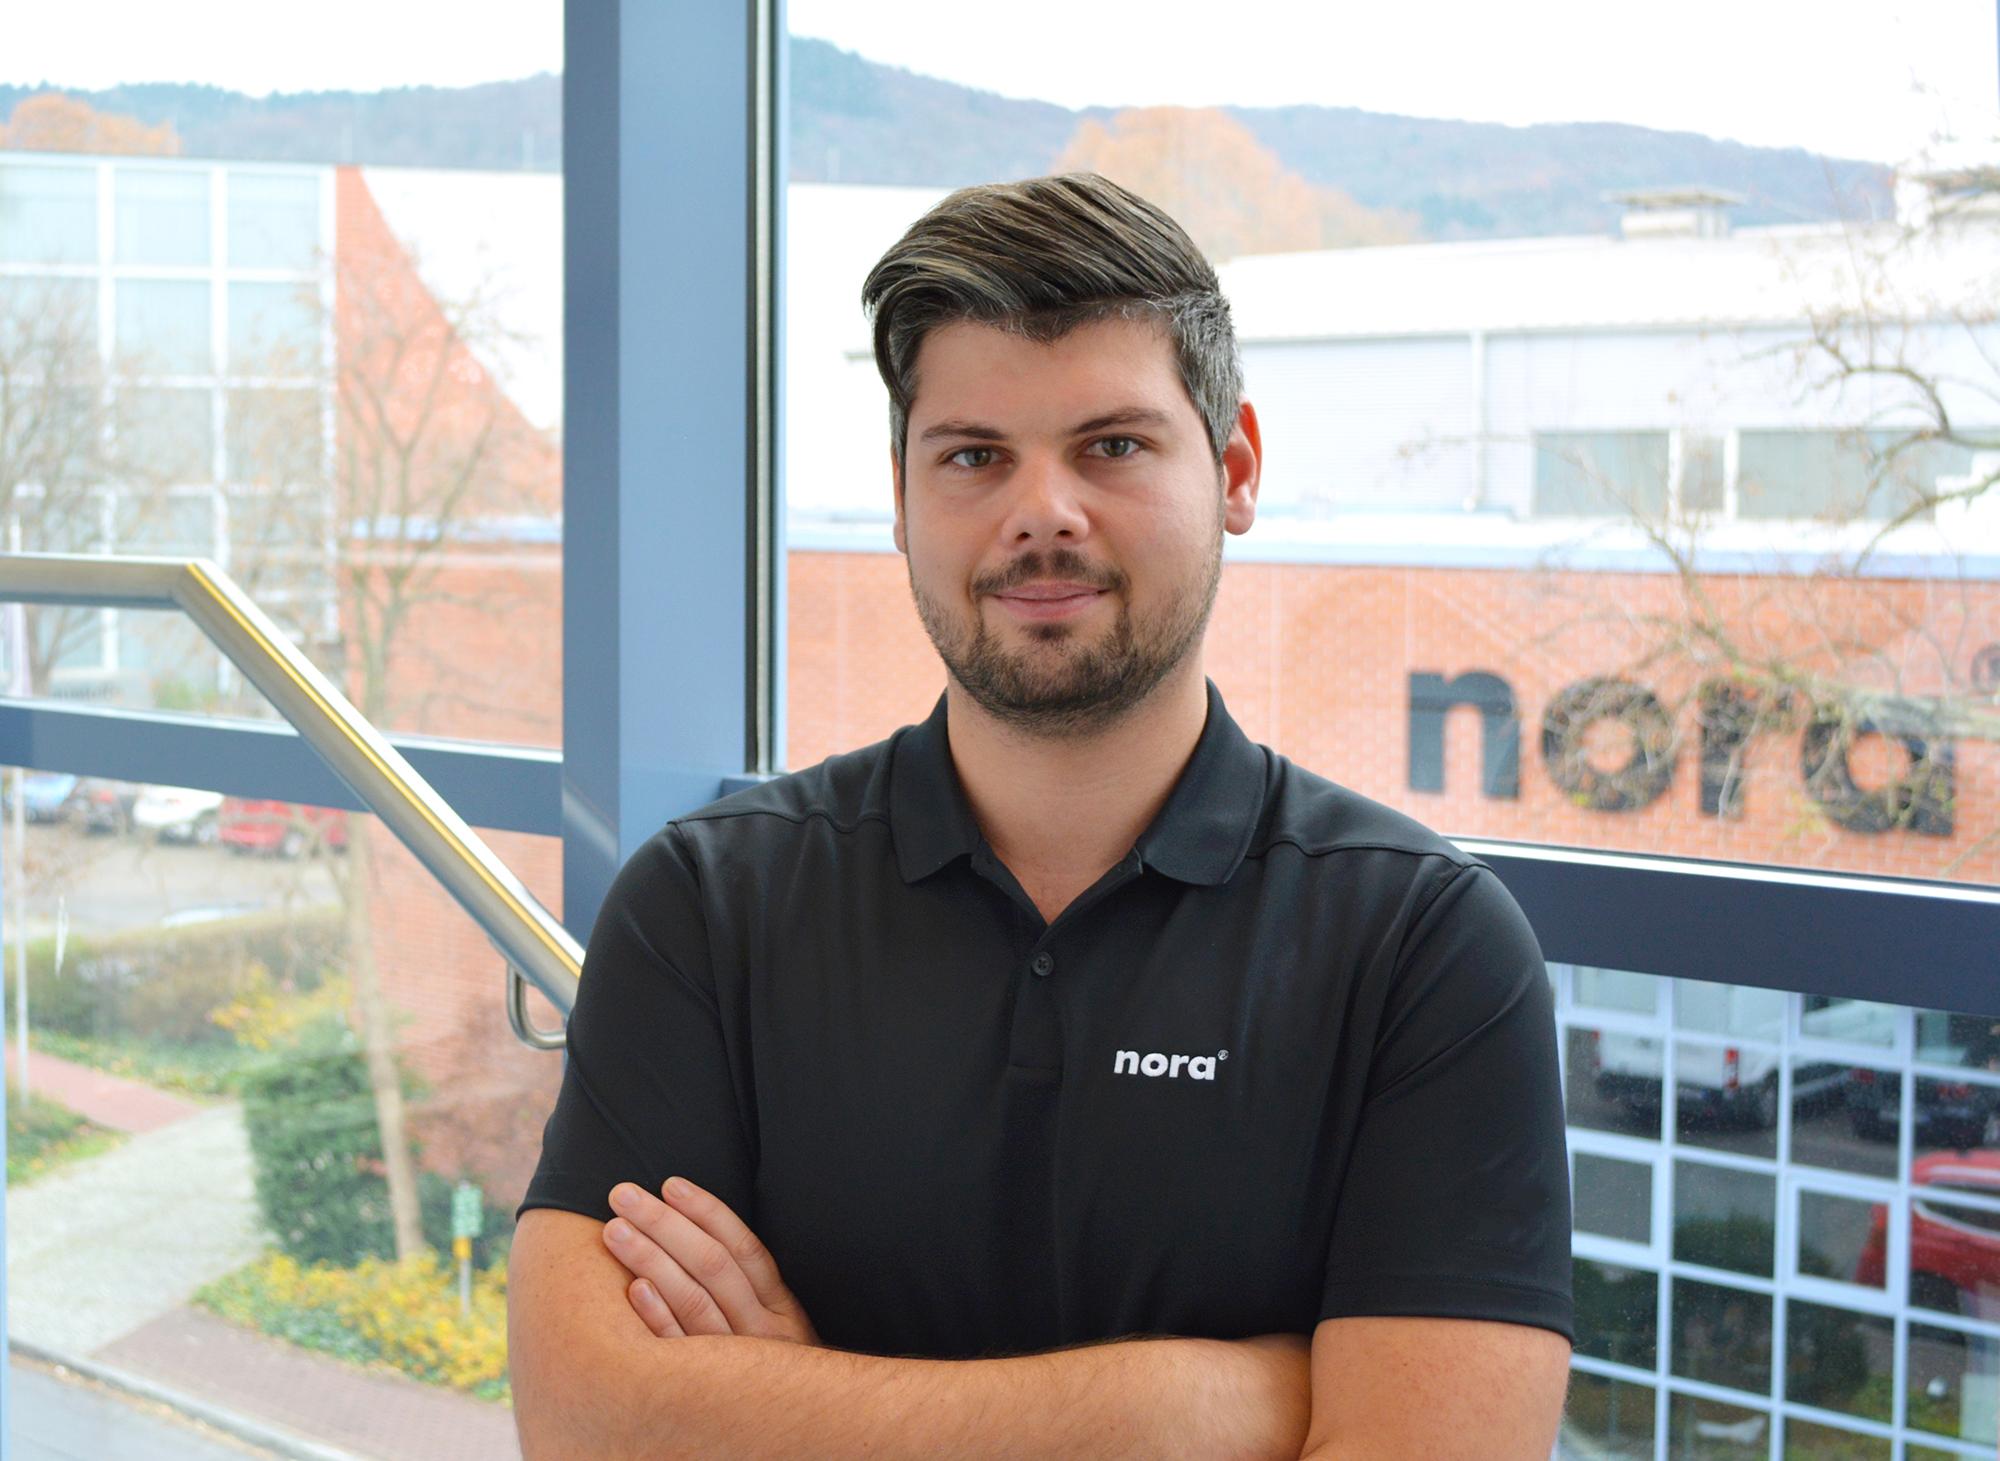 Mitarbeiter im Außendienst der nora systems GmbH Stephan Bier